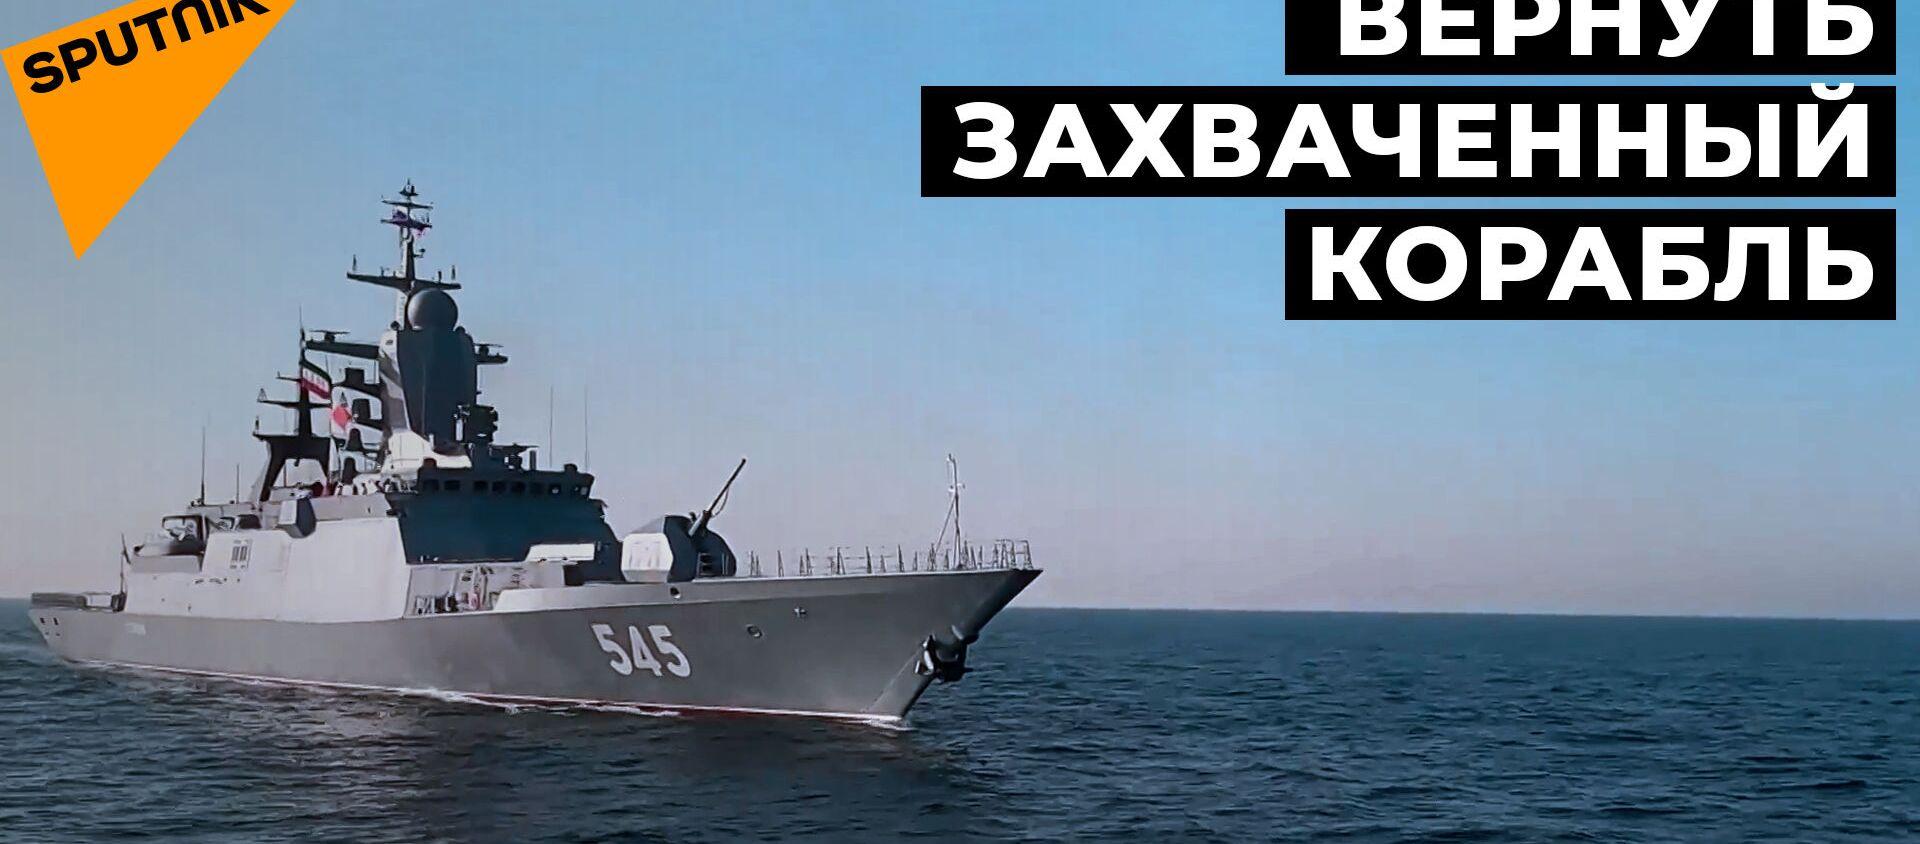 Военные России и Ирана отбили судно у пиратов: учения в Индийском океане - Sputnik Армения, 1920, 18.02.2021